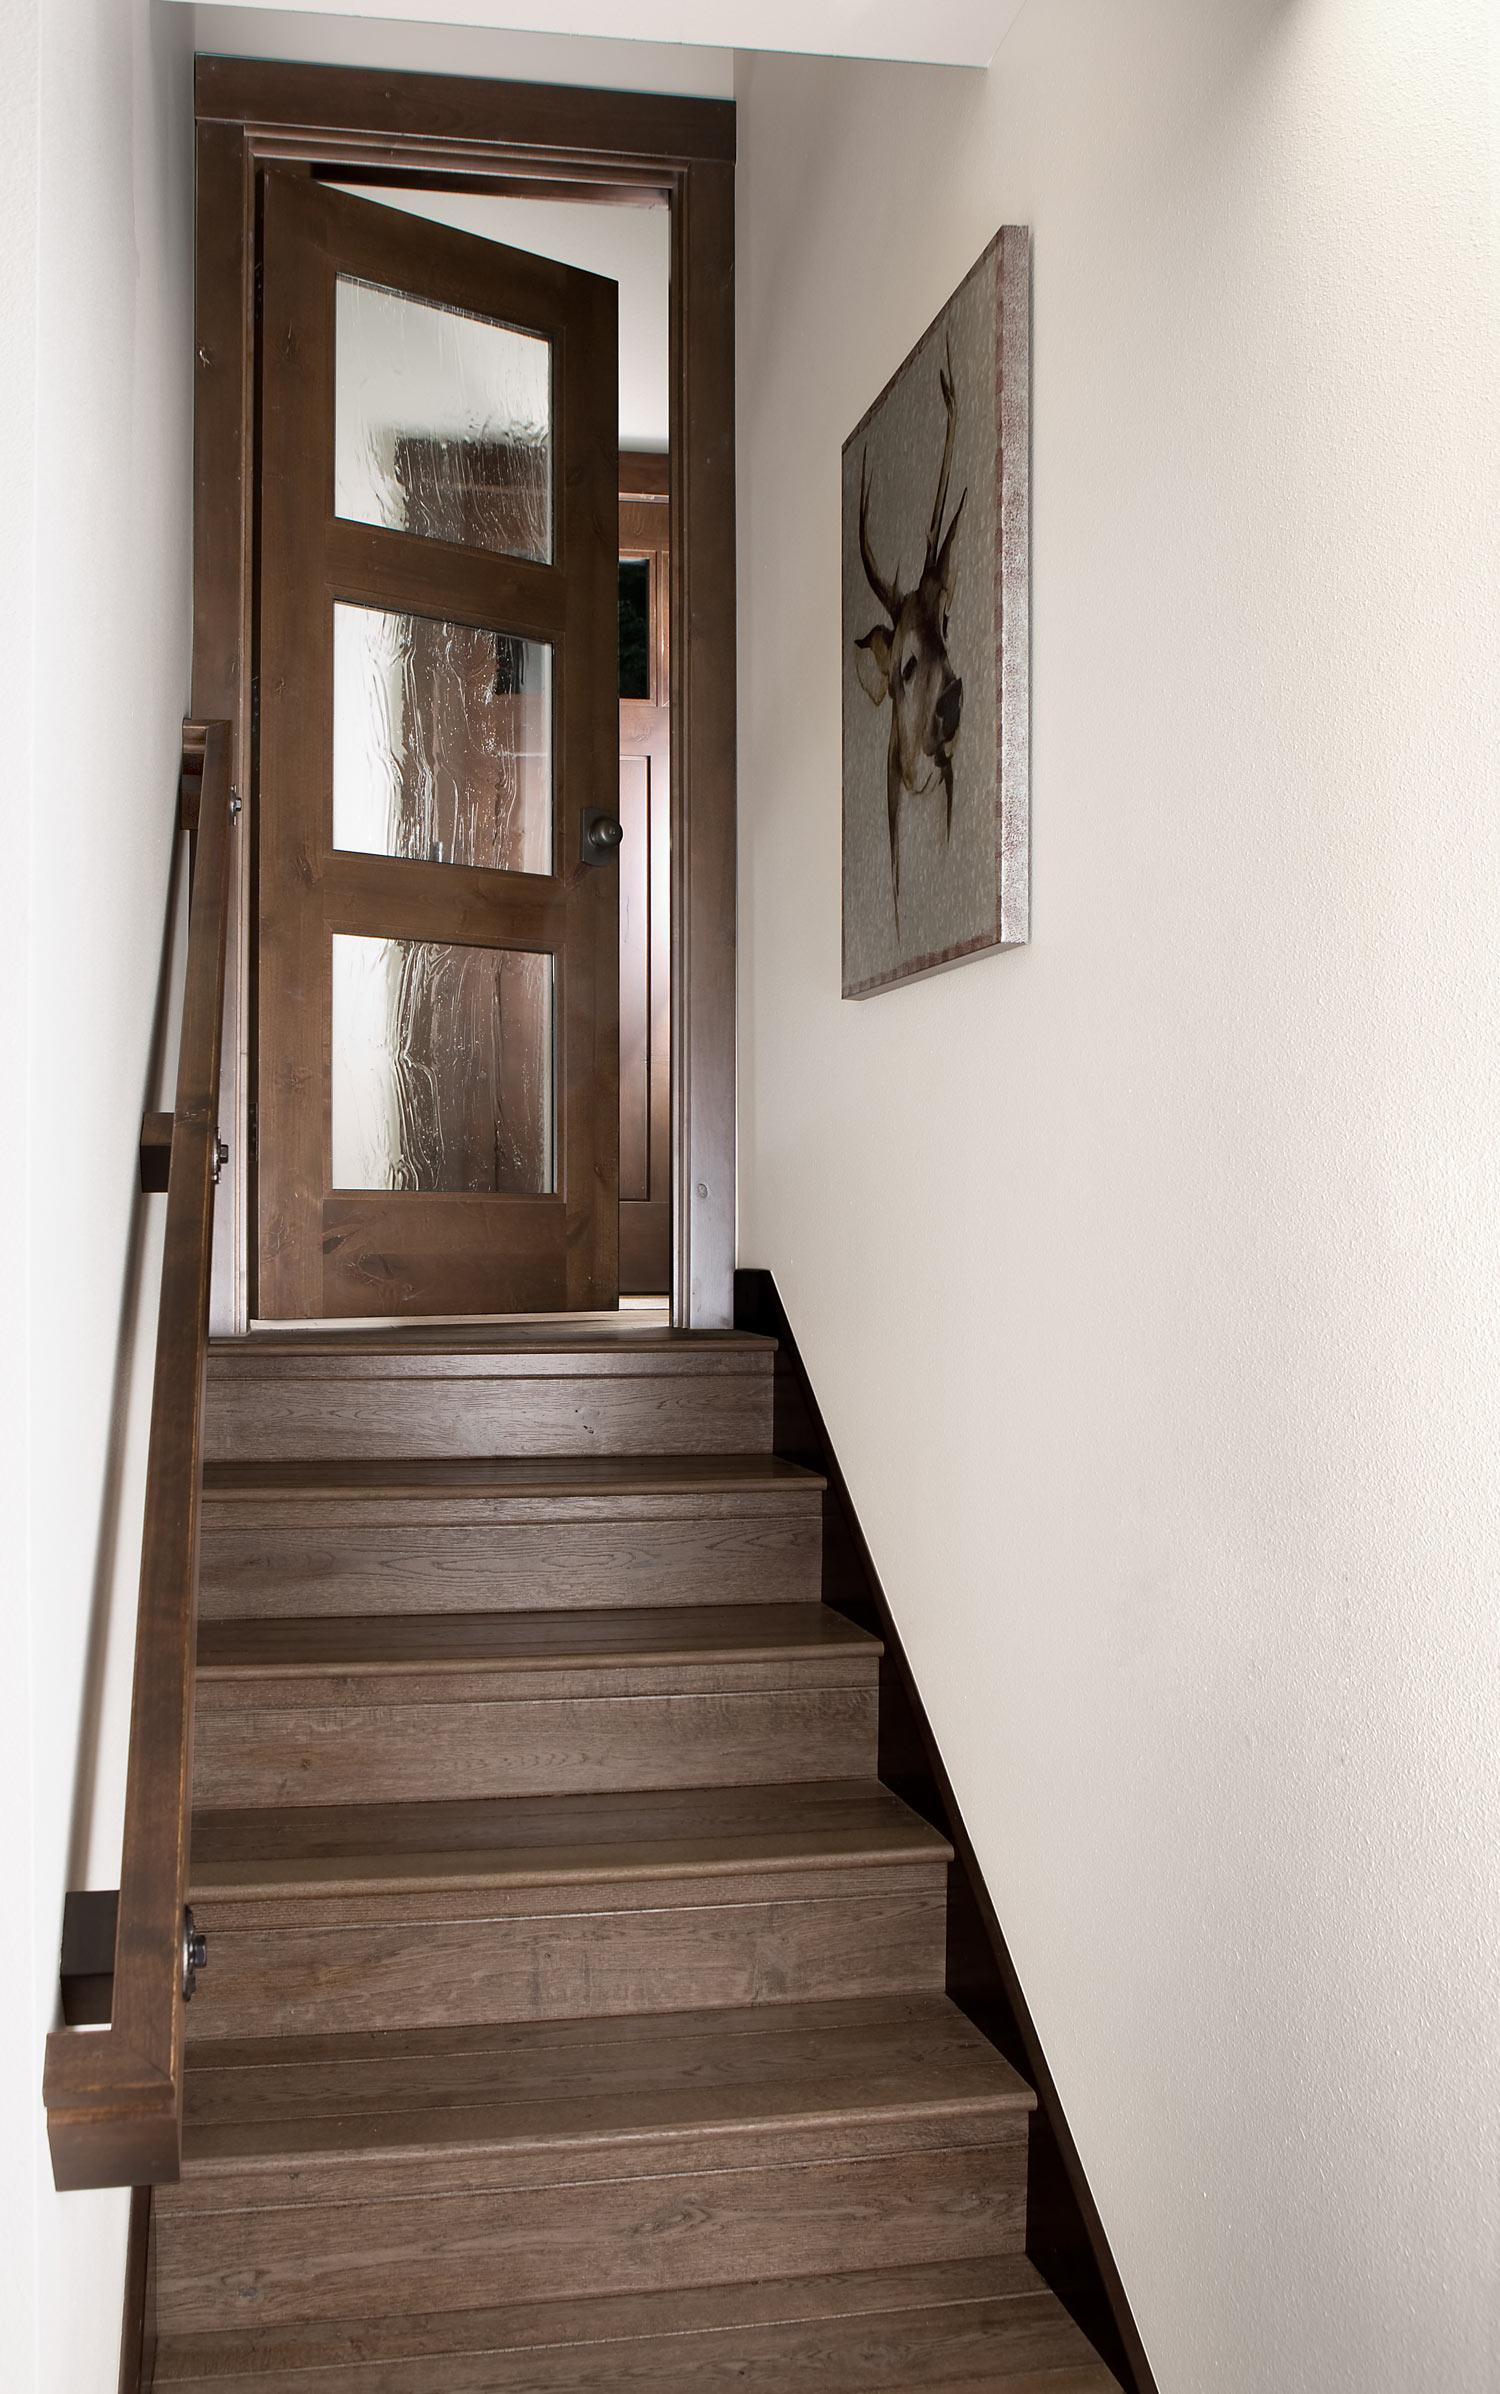 Stair-Door-1-sfw.jpg